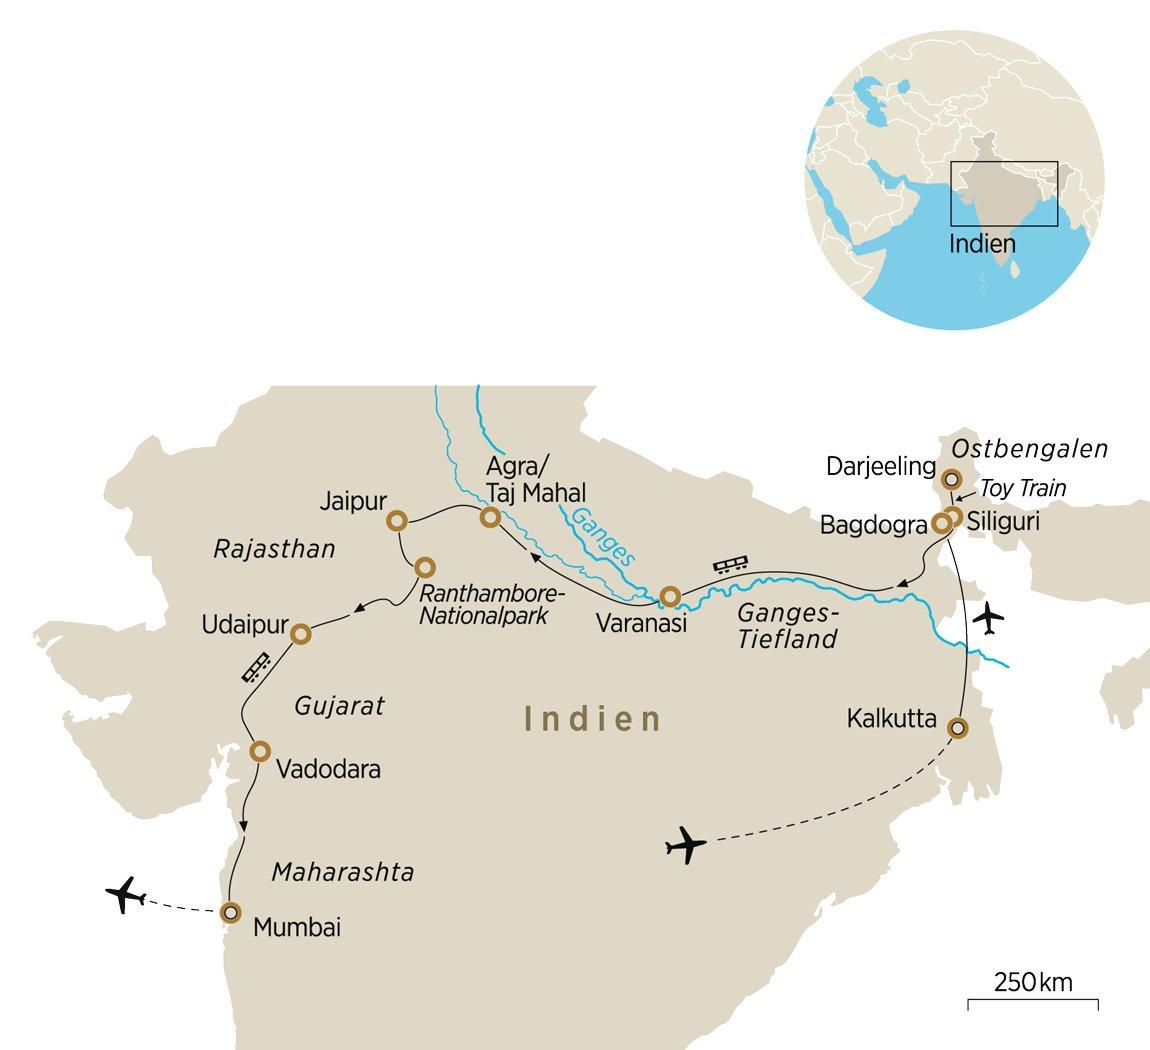 ASI-374_Indien-Zug_20